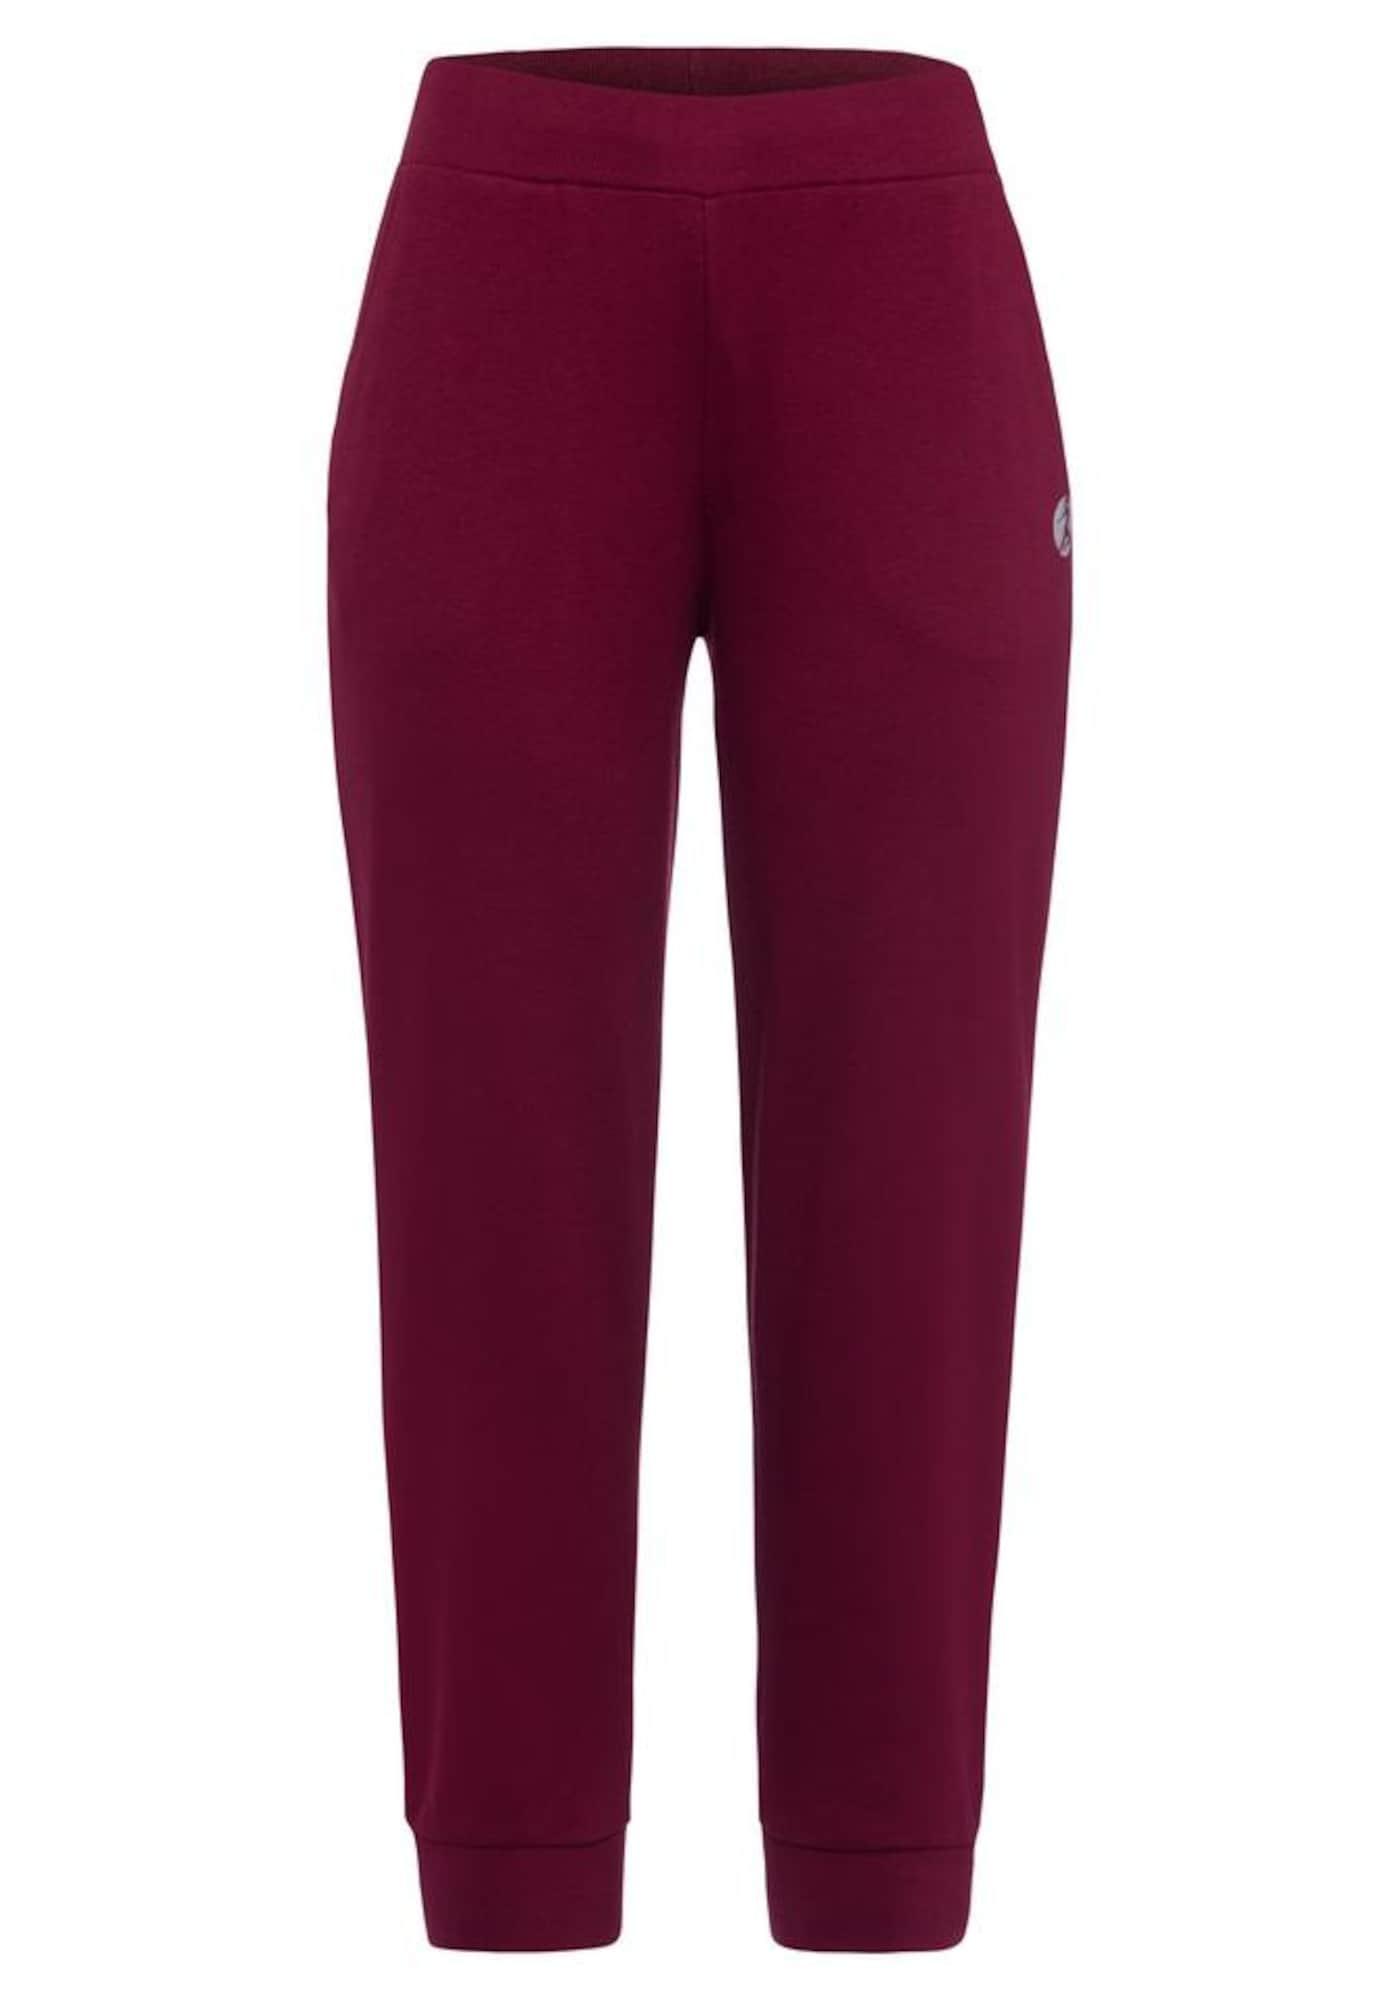 LASCANA ACTIVE Sportinės kelnės rubinų raudona